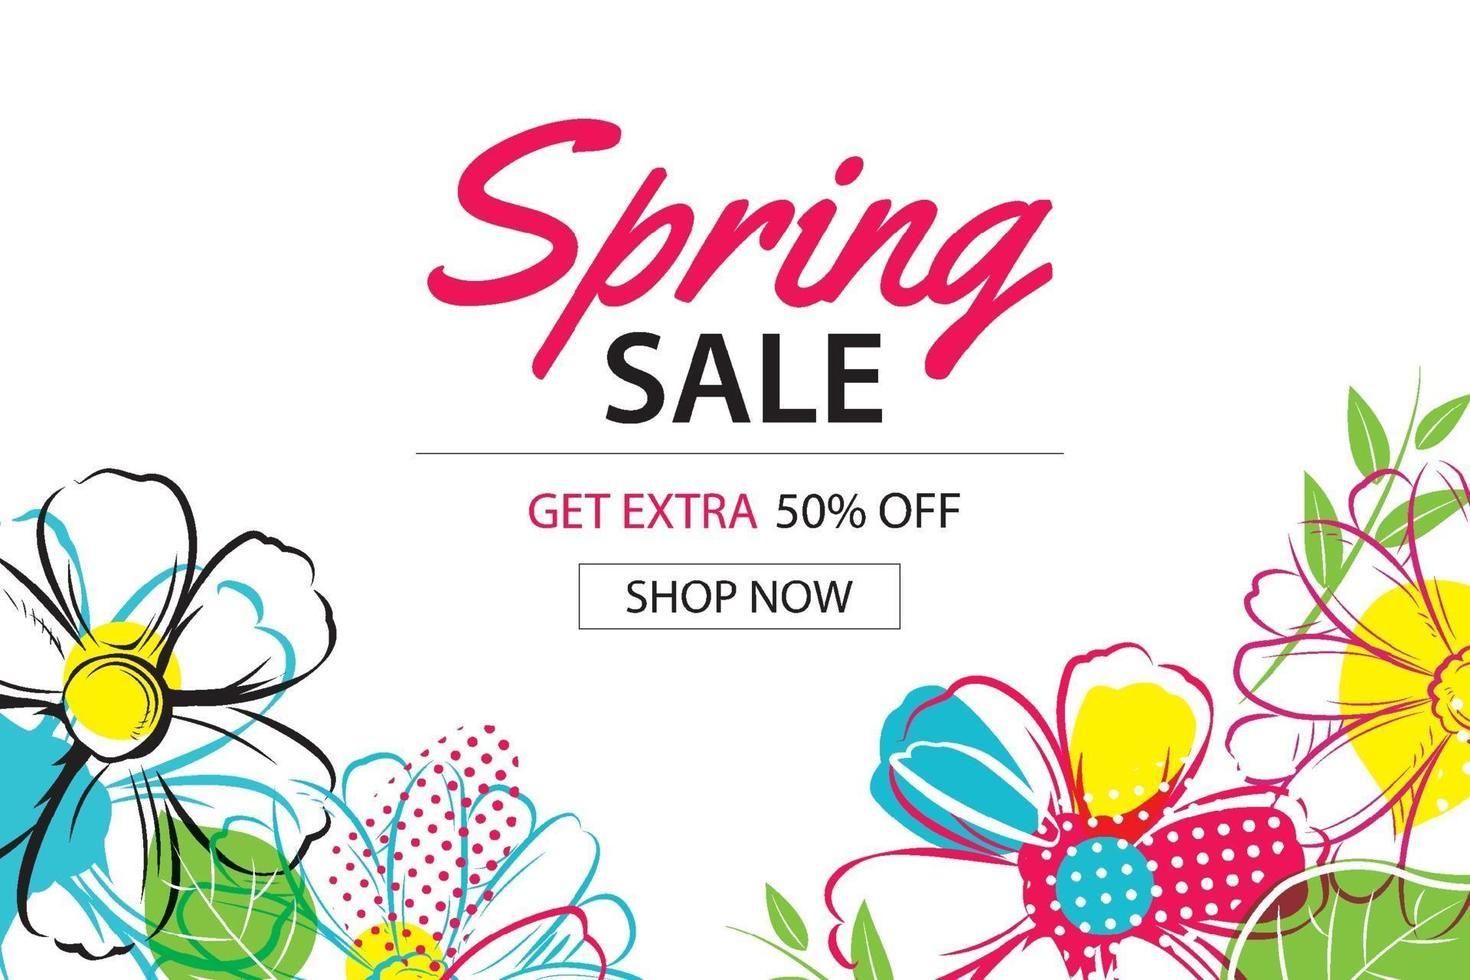 modèle d'affiche de vente de printemps avec fond de fleurs colorées. peut être utilisé pour un bon, un papier peint, des dépliants, une invitation, une brochure, une réduction de coupon. vecteur